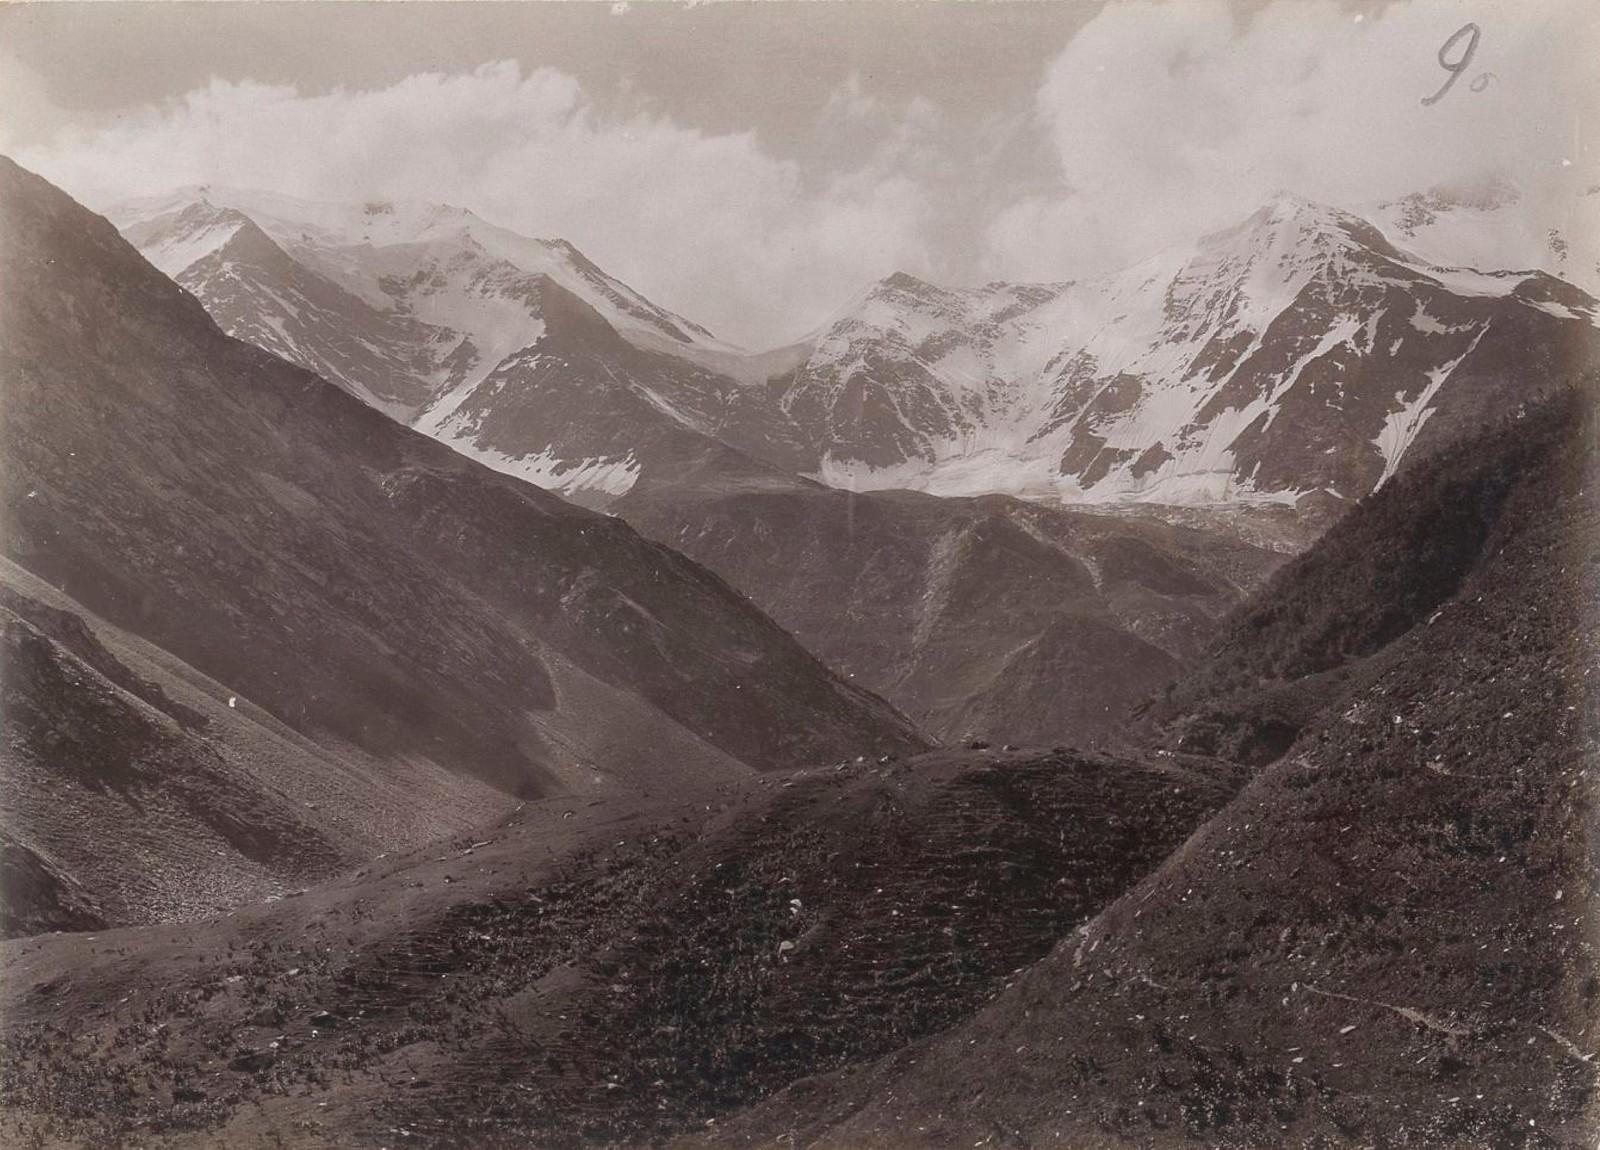 20. Восточный Кавказ. Ледники Диклосмта, взятые в верховьях долины Харгабе-ахк. июль